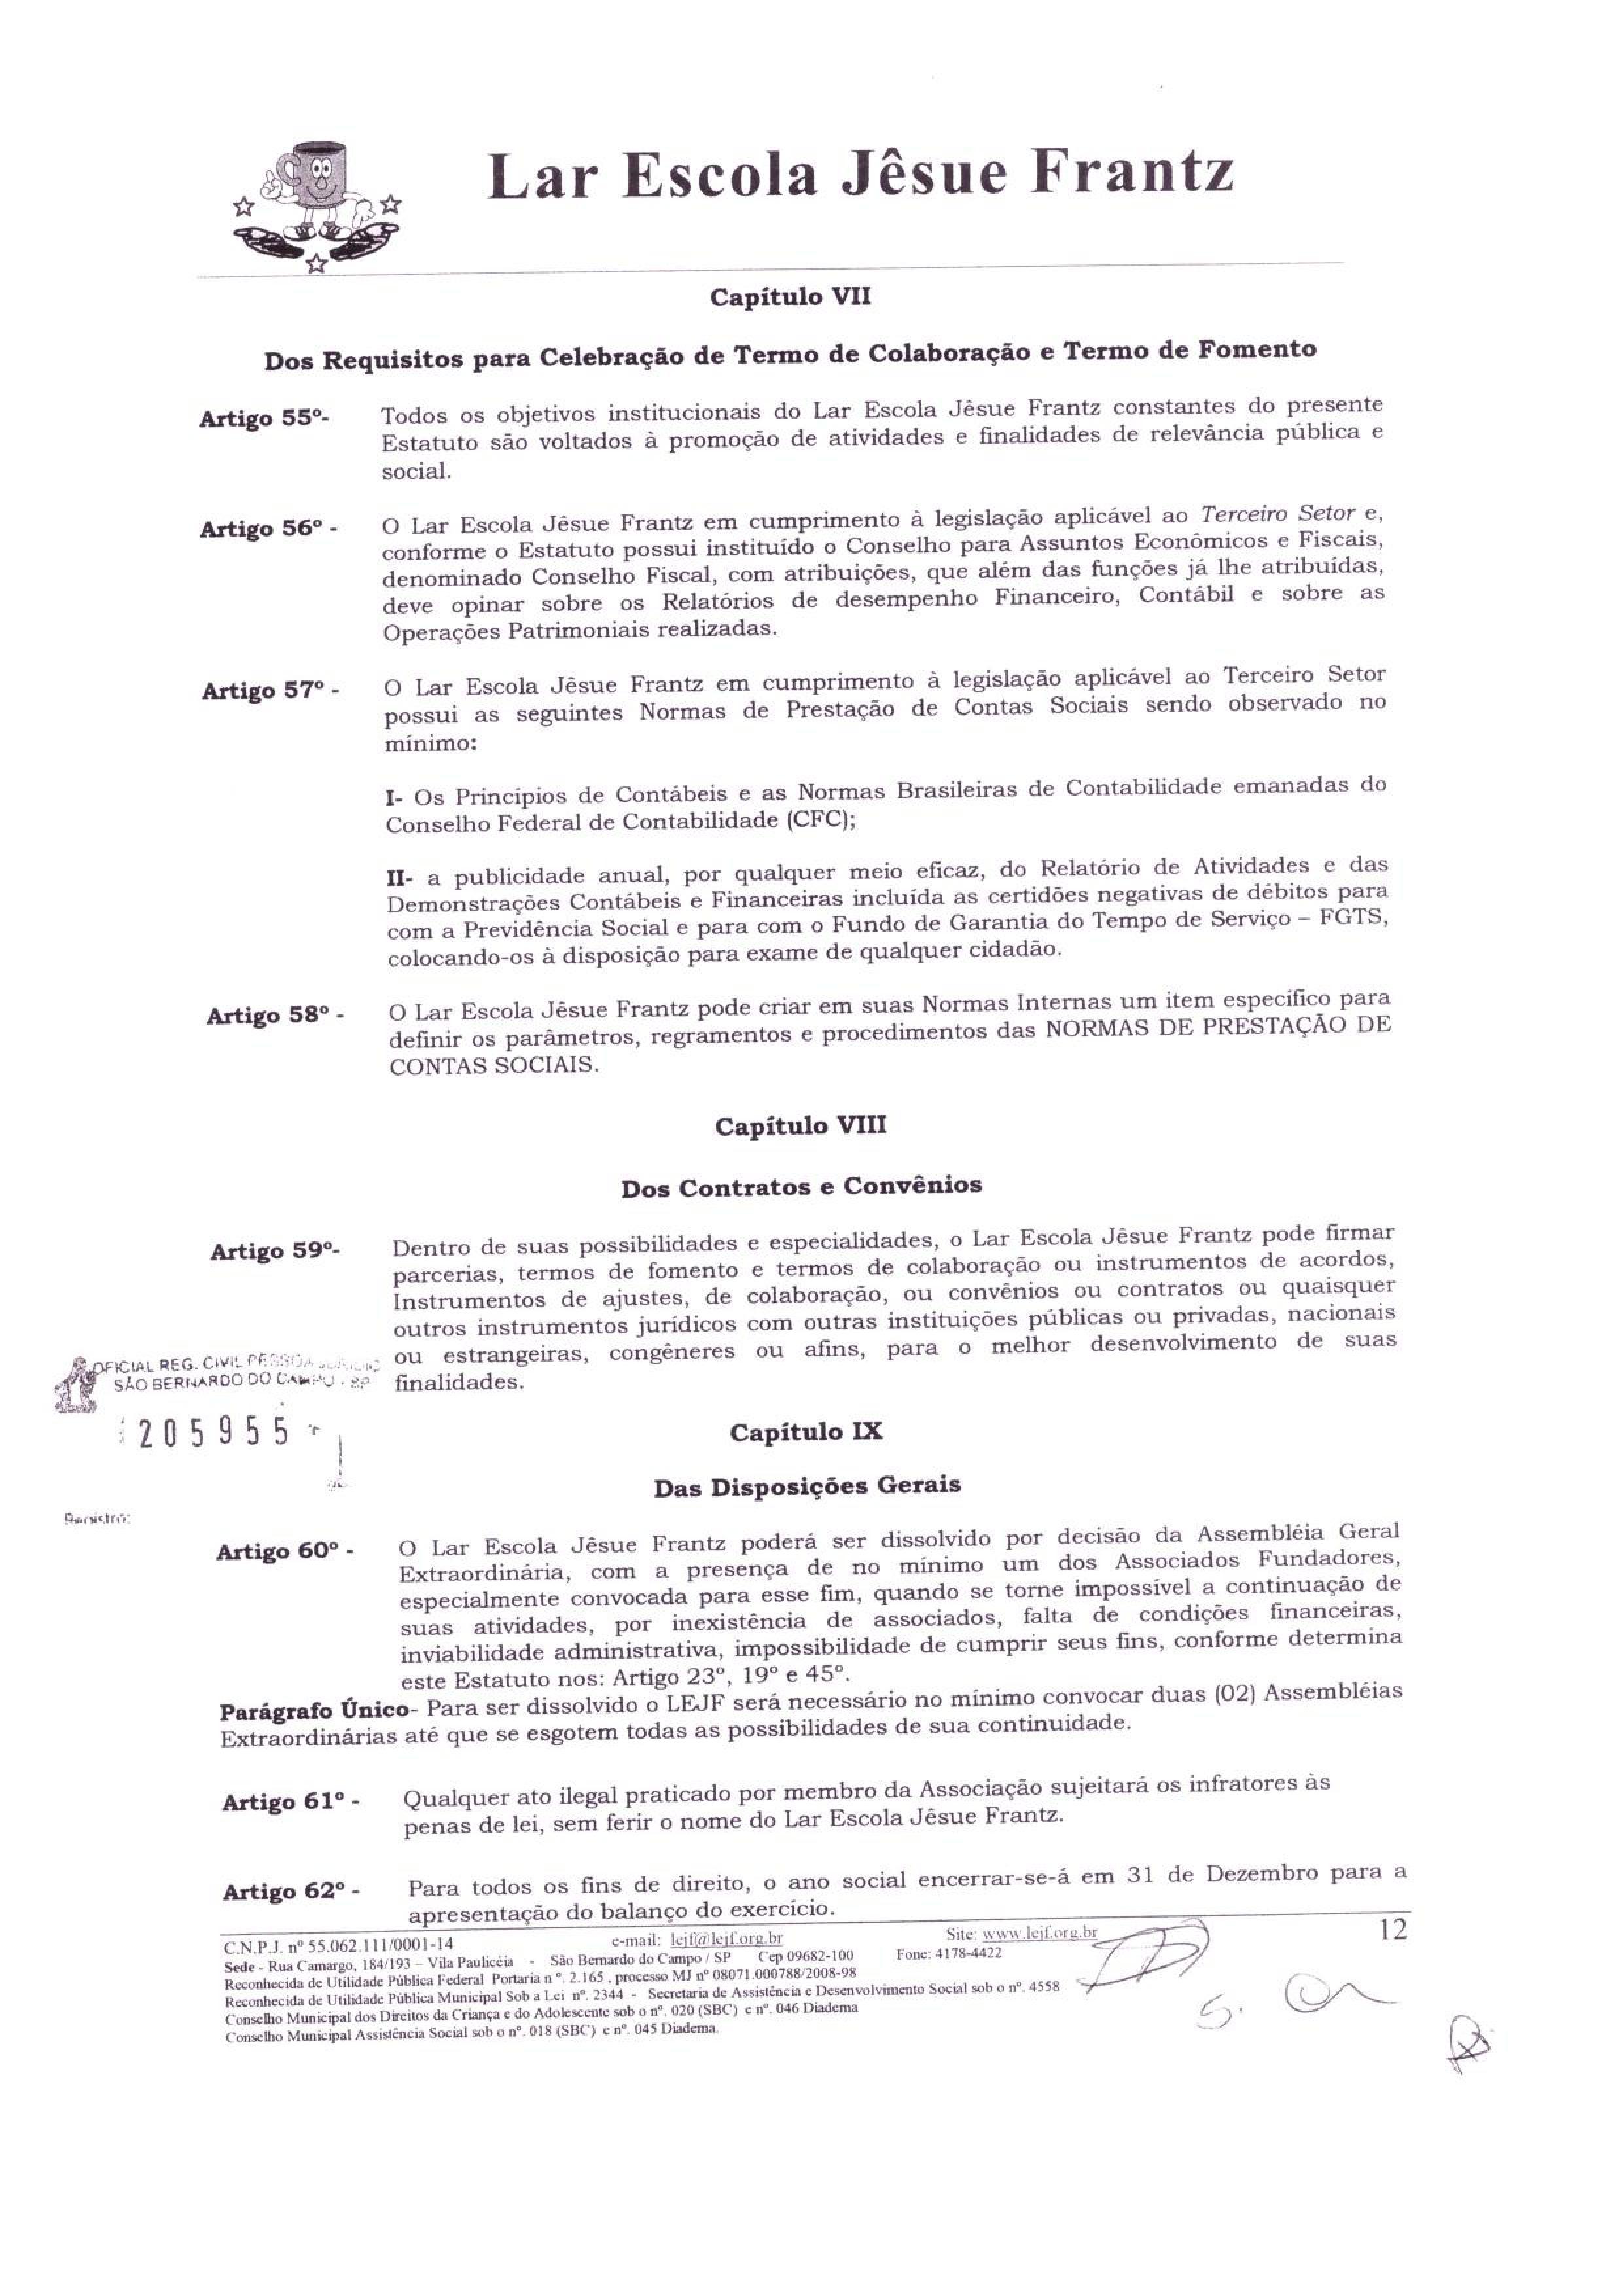 0012 - Estatuto 2018